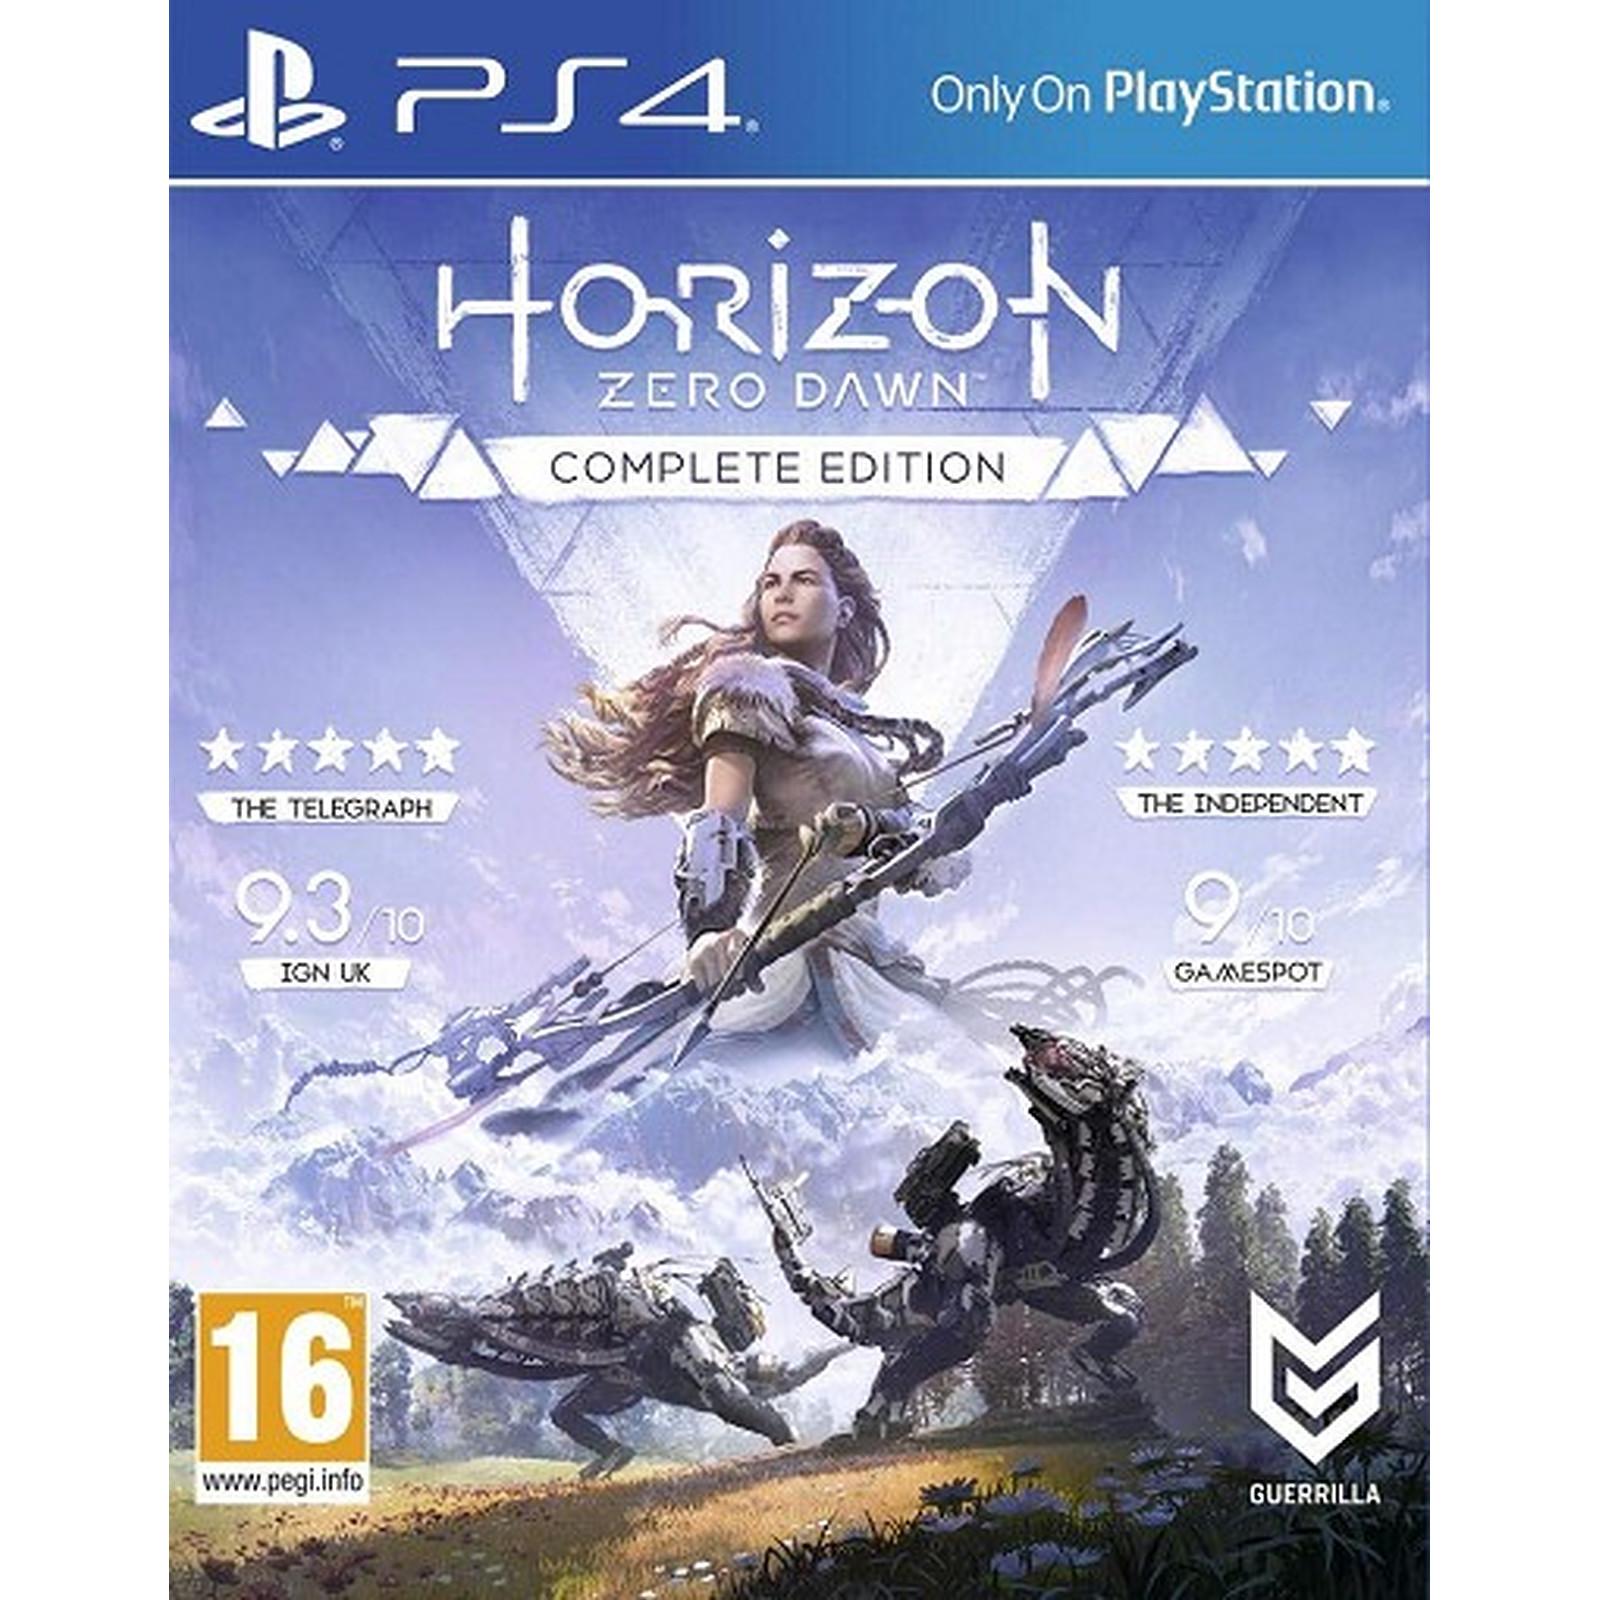 Horizon Zero Dawn Complete Edition (PS4)